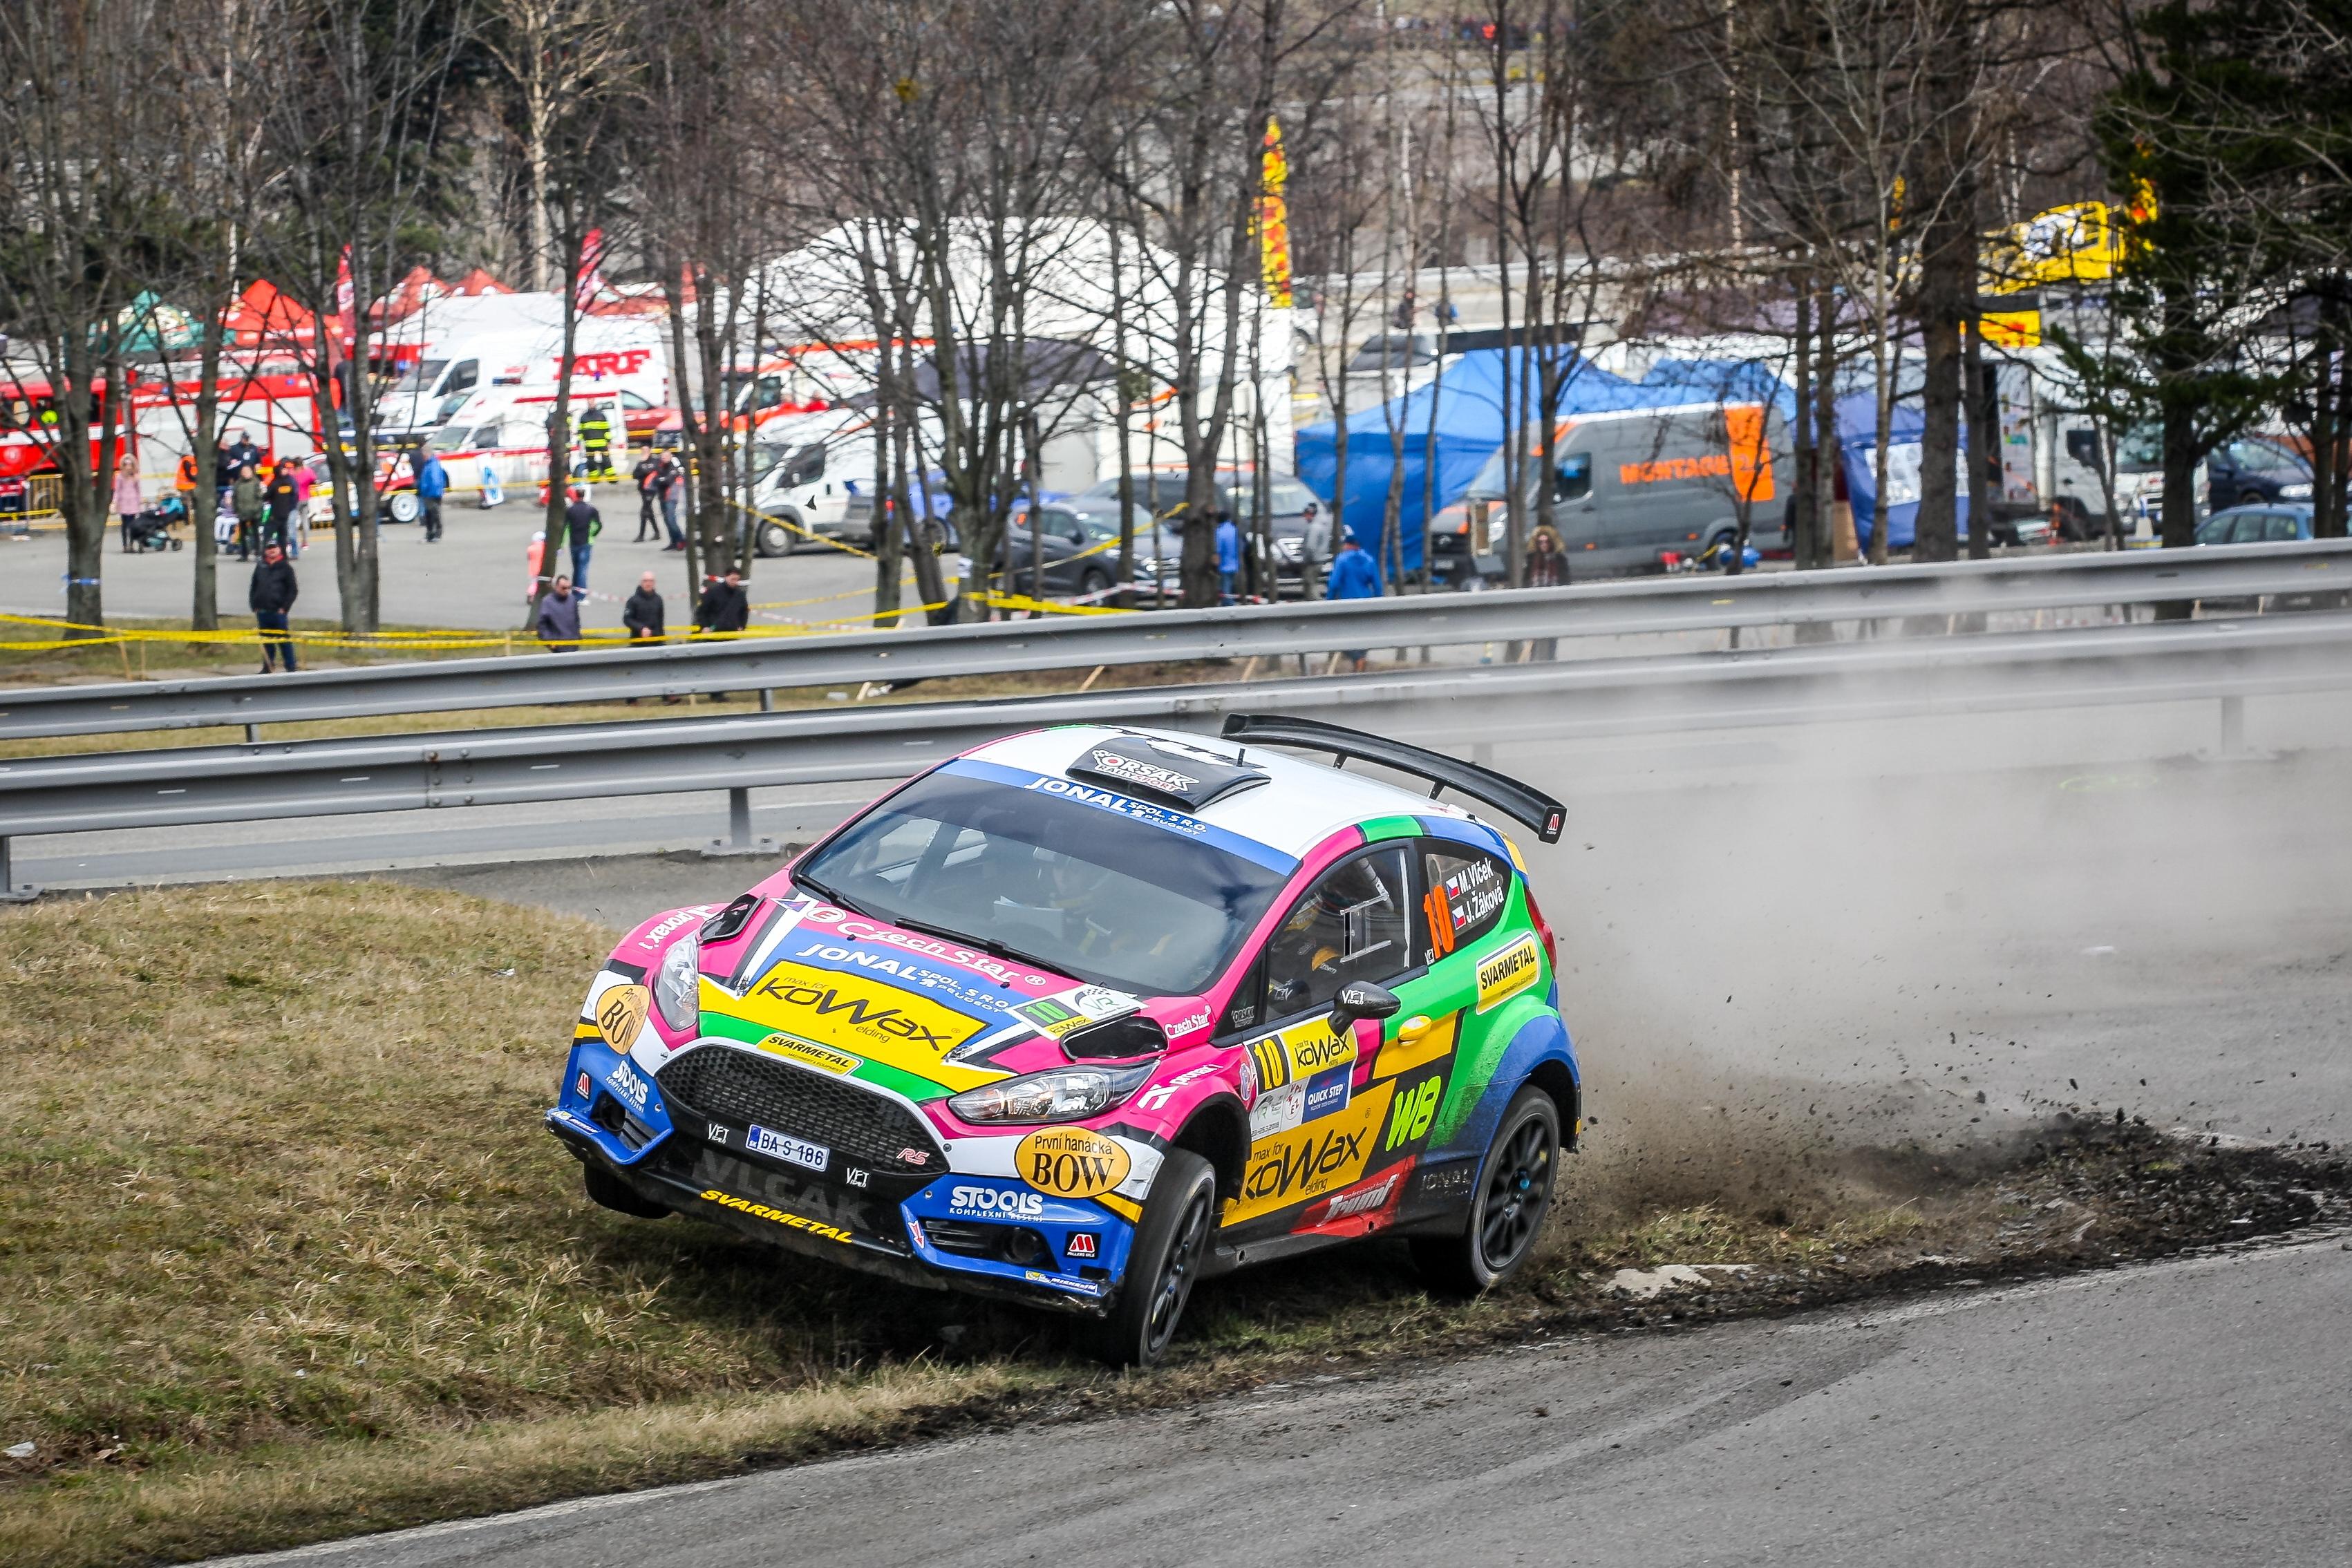 Valašská rally ValMez 2019 vstupuje do závěrečné fáze příprav